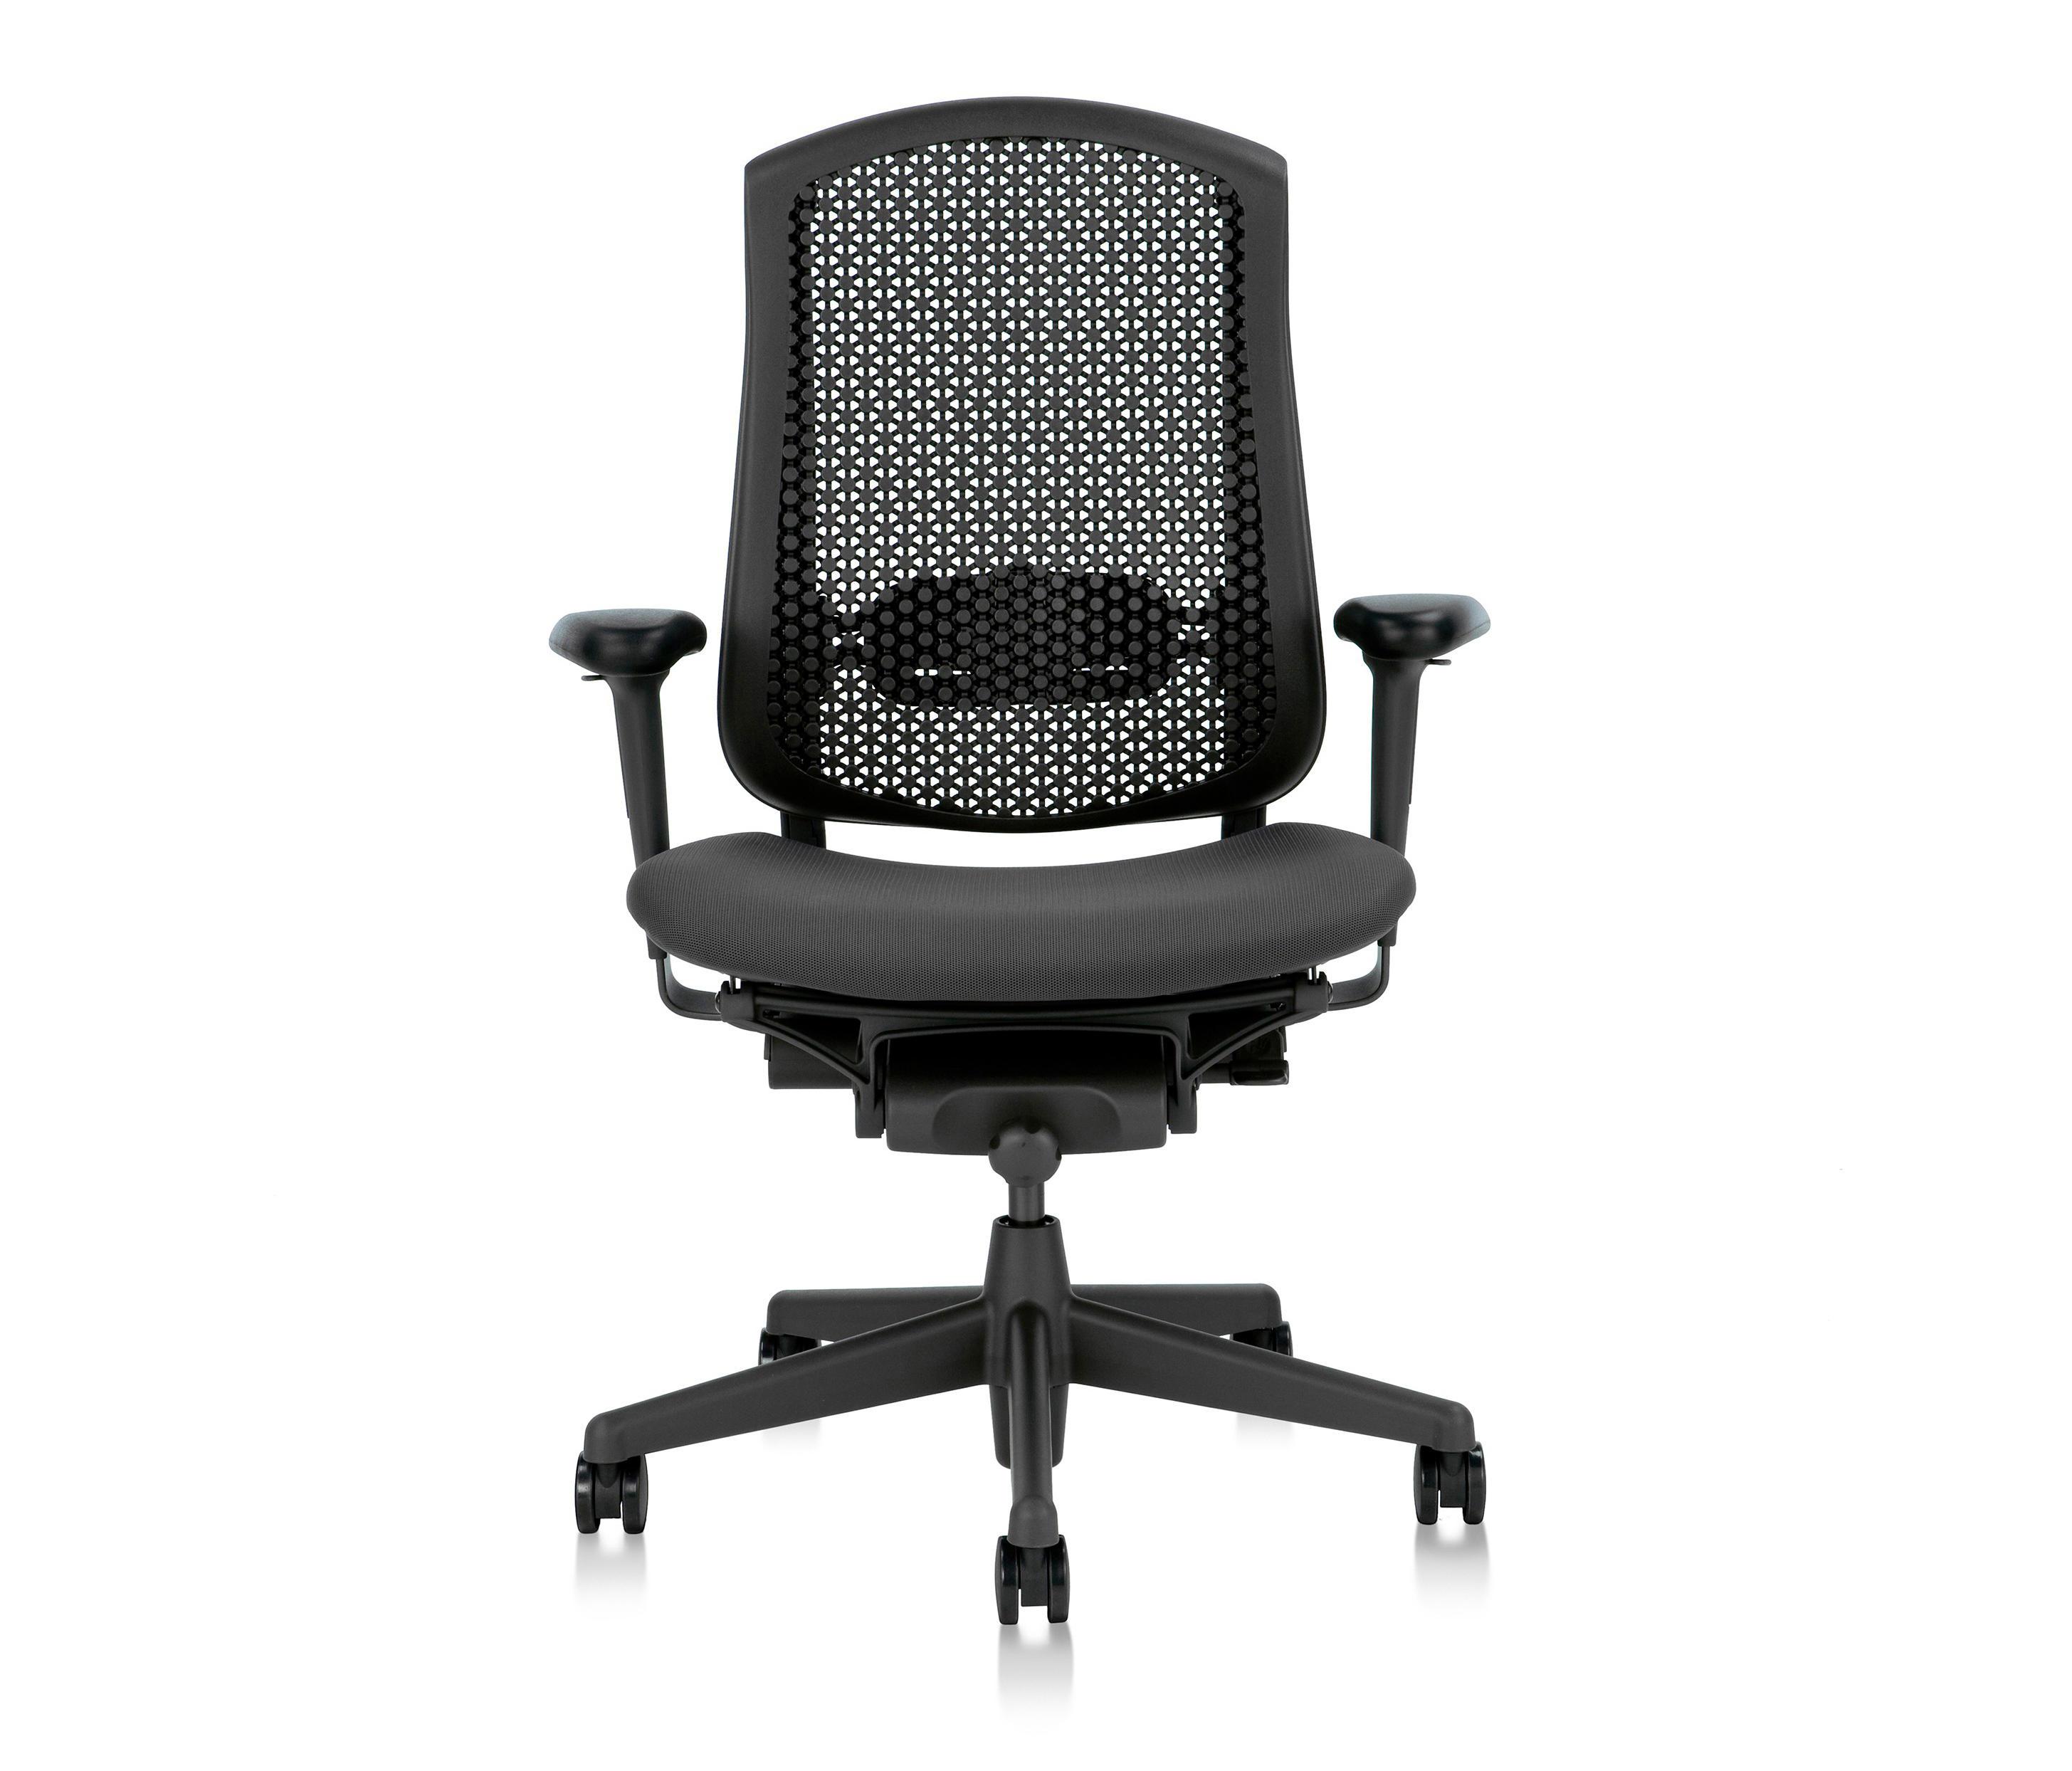 managementdrehsthle celle chair von herman miller managementdrehsthle - Herman Miller Tischsysteme